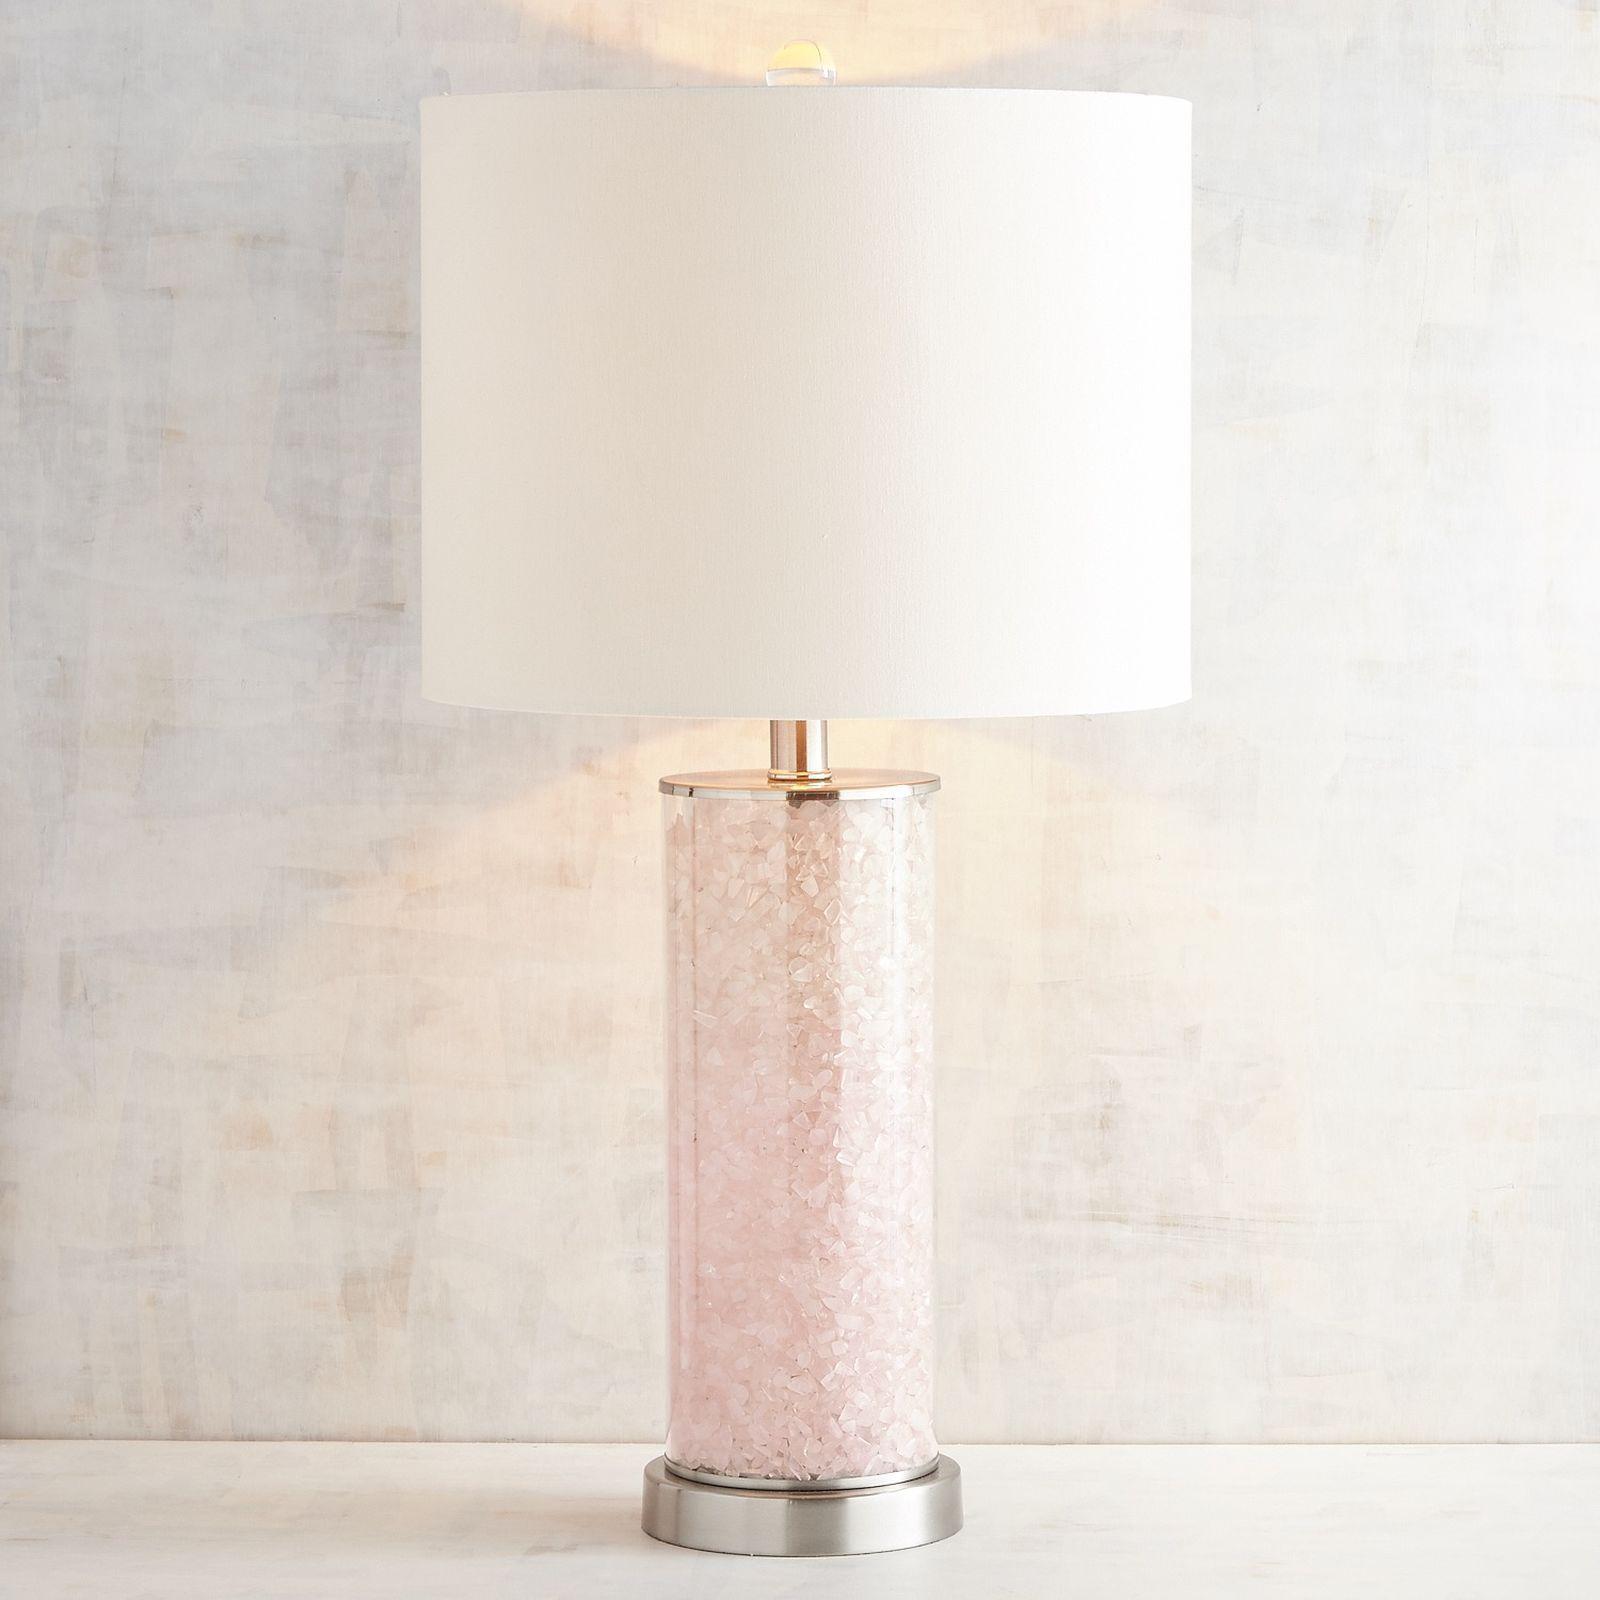 Quarz Tisch Lampe Quarz Tisch Lampe Sie Konnen Lasten Von Informationen Uber Die Einrichtungsgegenstande Als Au Bel Lampe Beleuchtung Inneneinrichtung